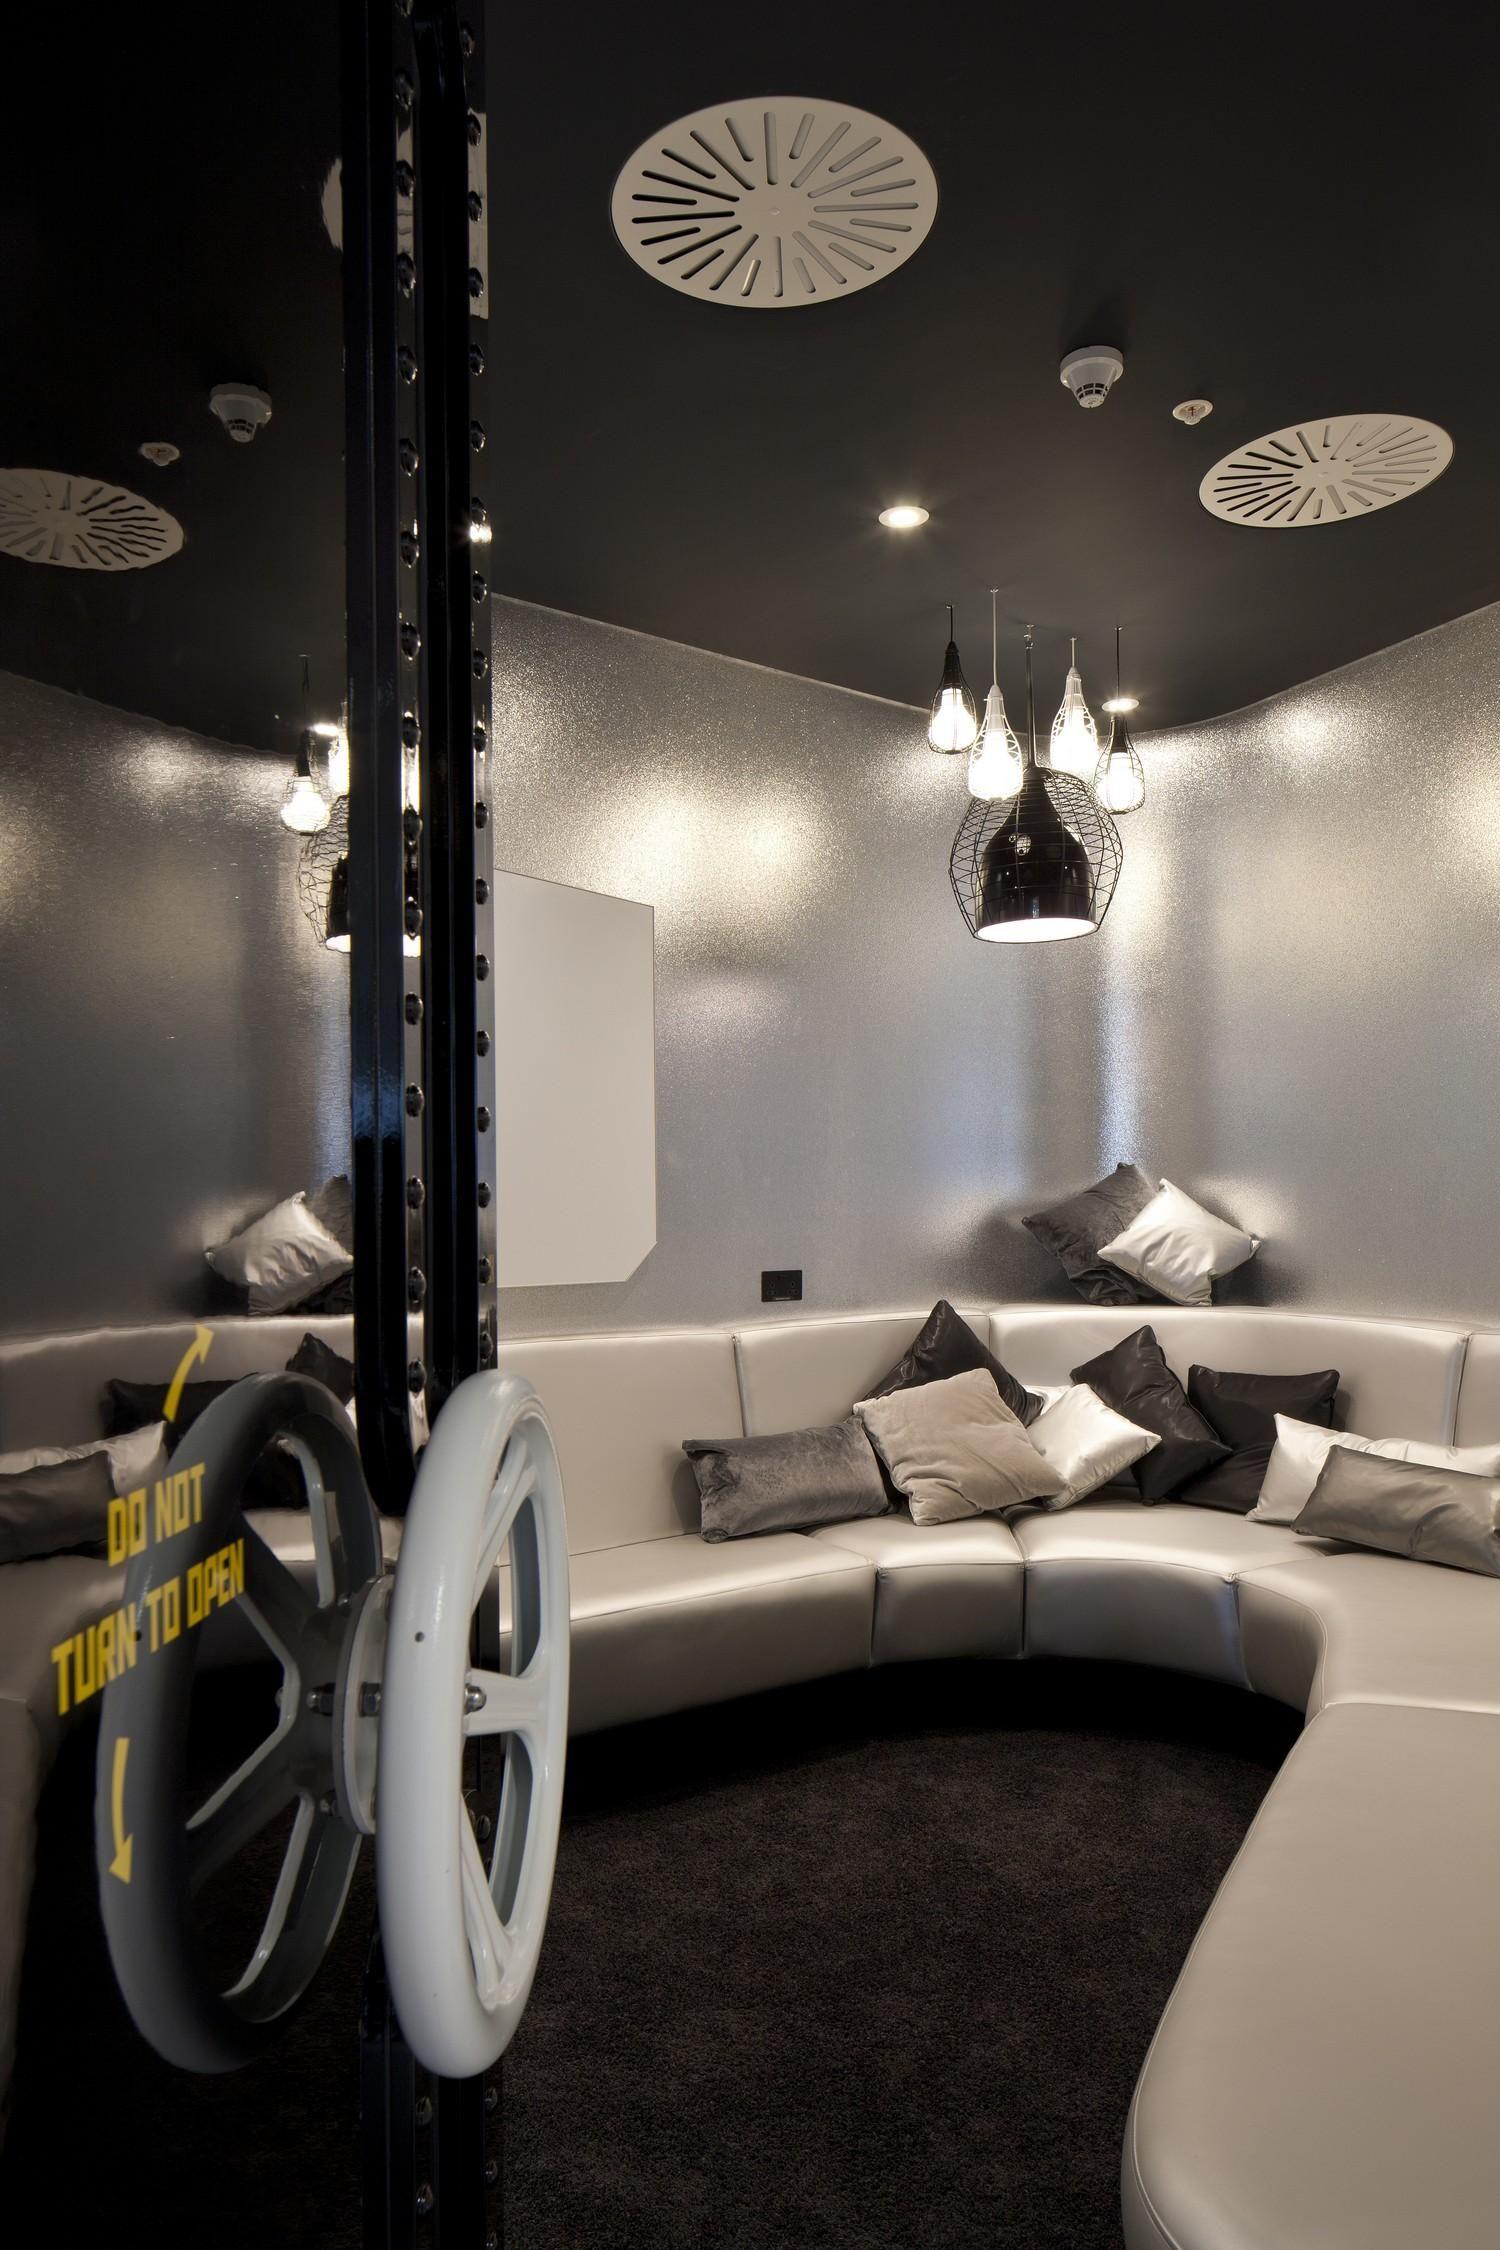 You tube london büro office ufficio office furniture mobili interiordesign fastrentmoney interiors design architecture